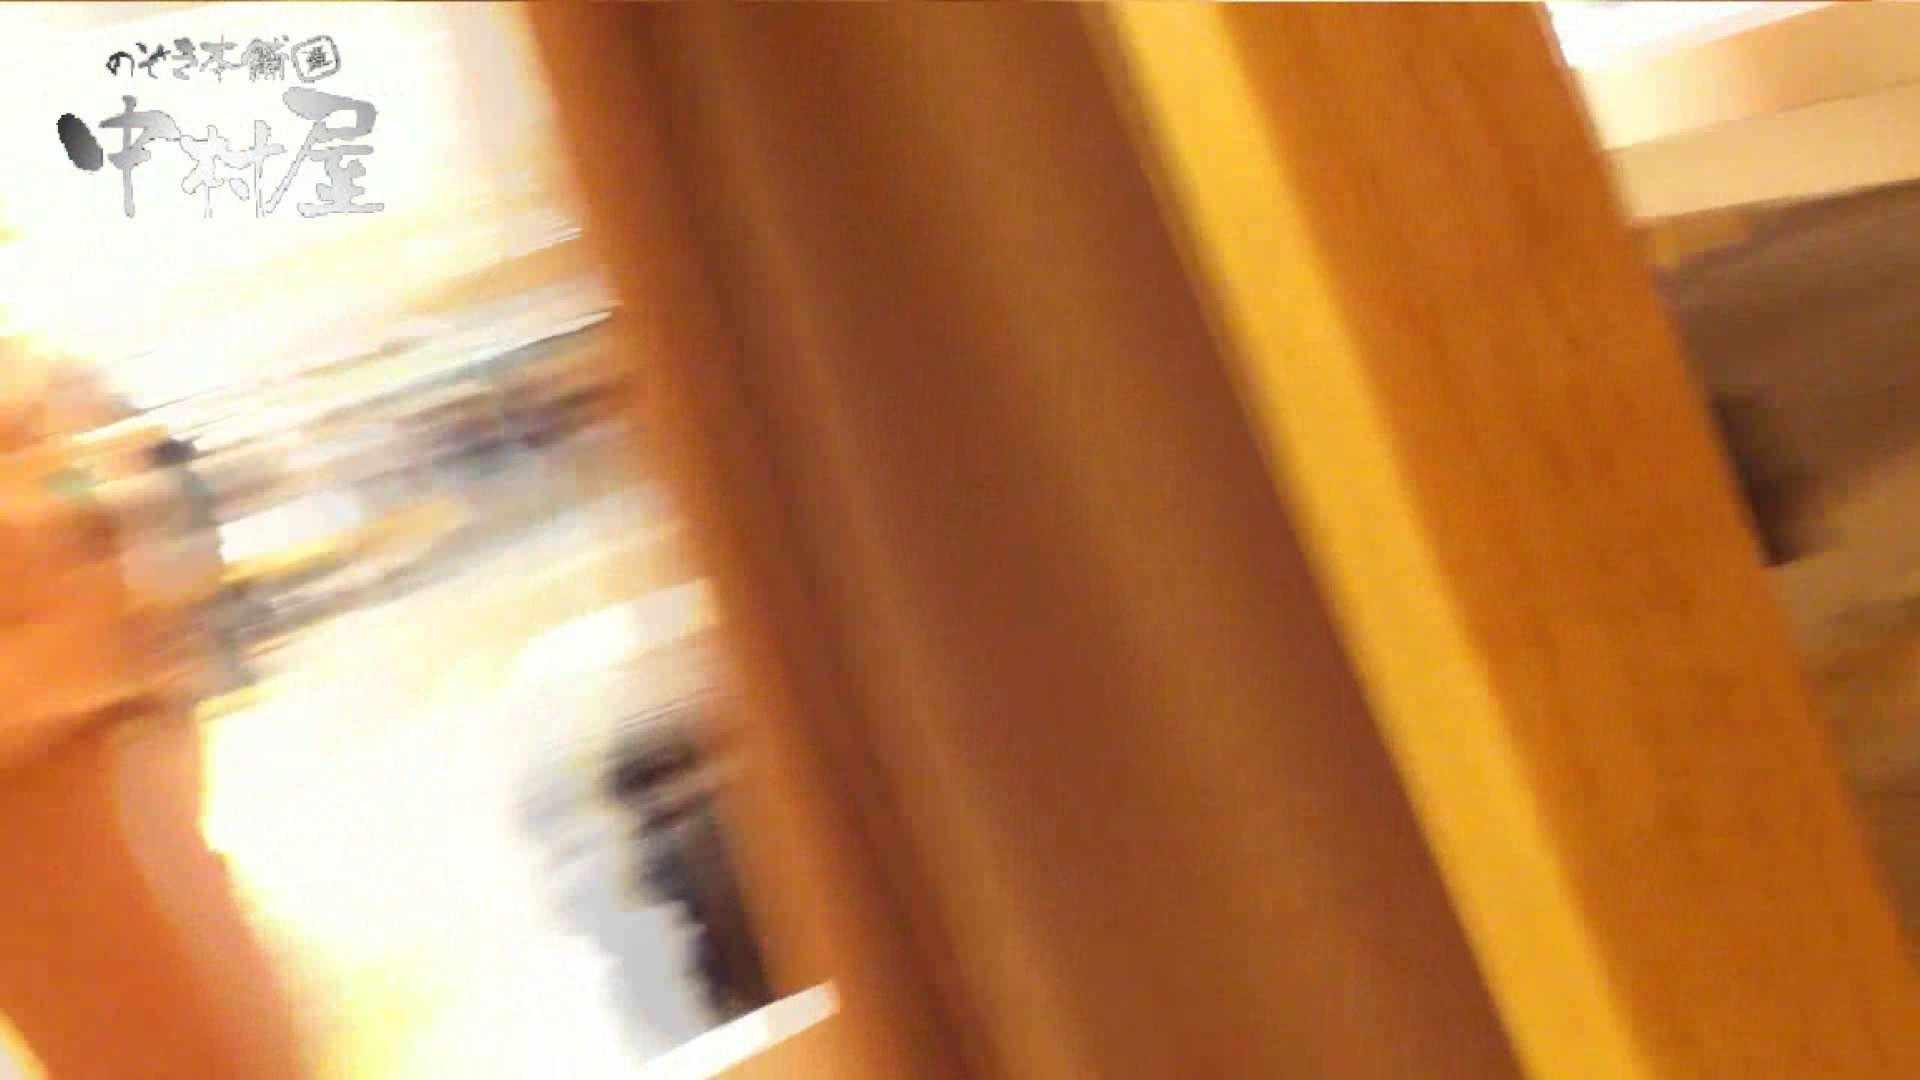 vol.48可愛いカリスマ店員胸チラ&パンチラ アニメ声の店員さん パンチラ | 接写  56pic 4